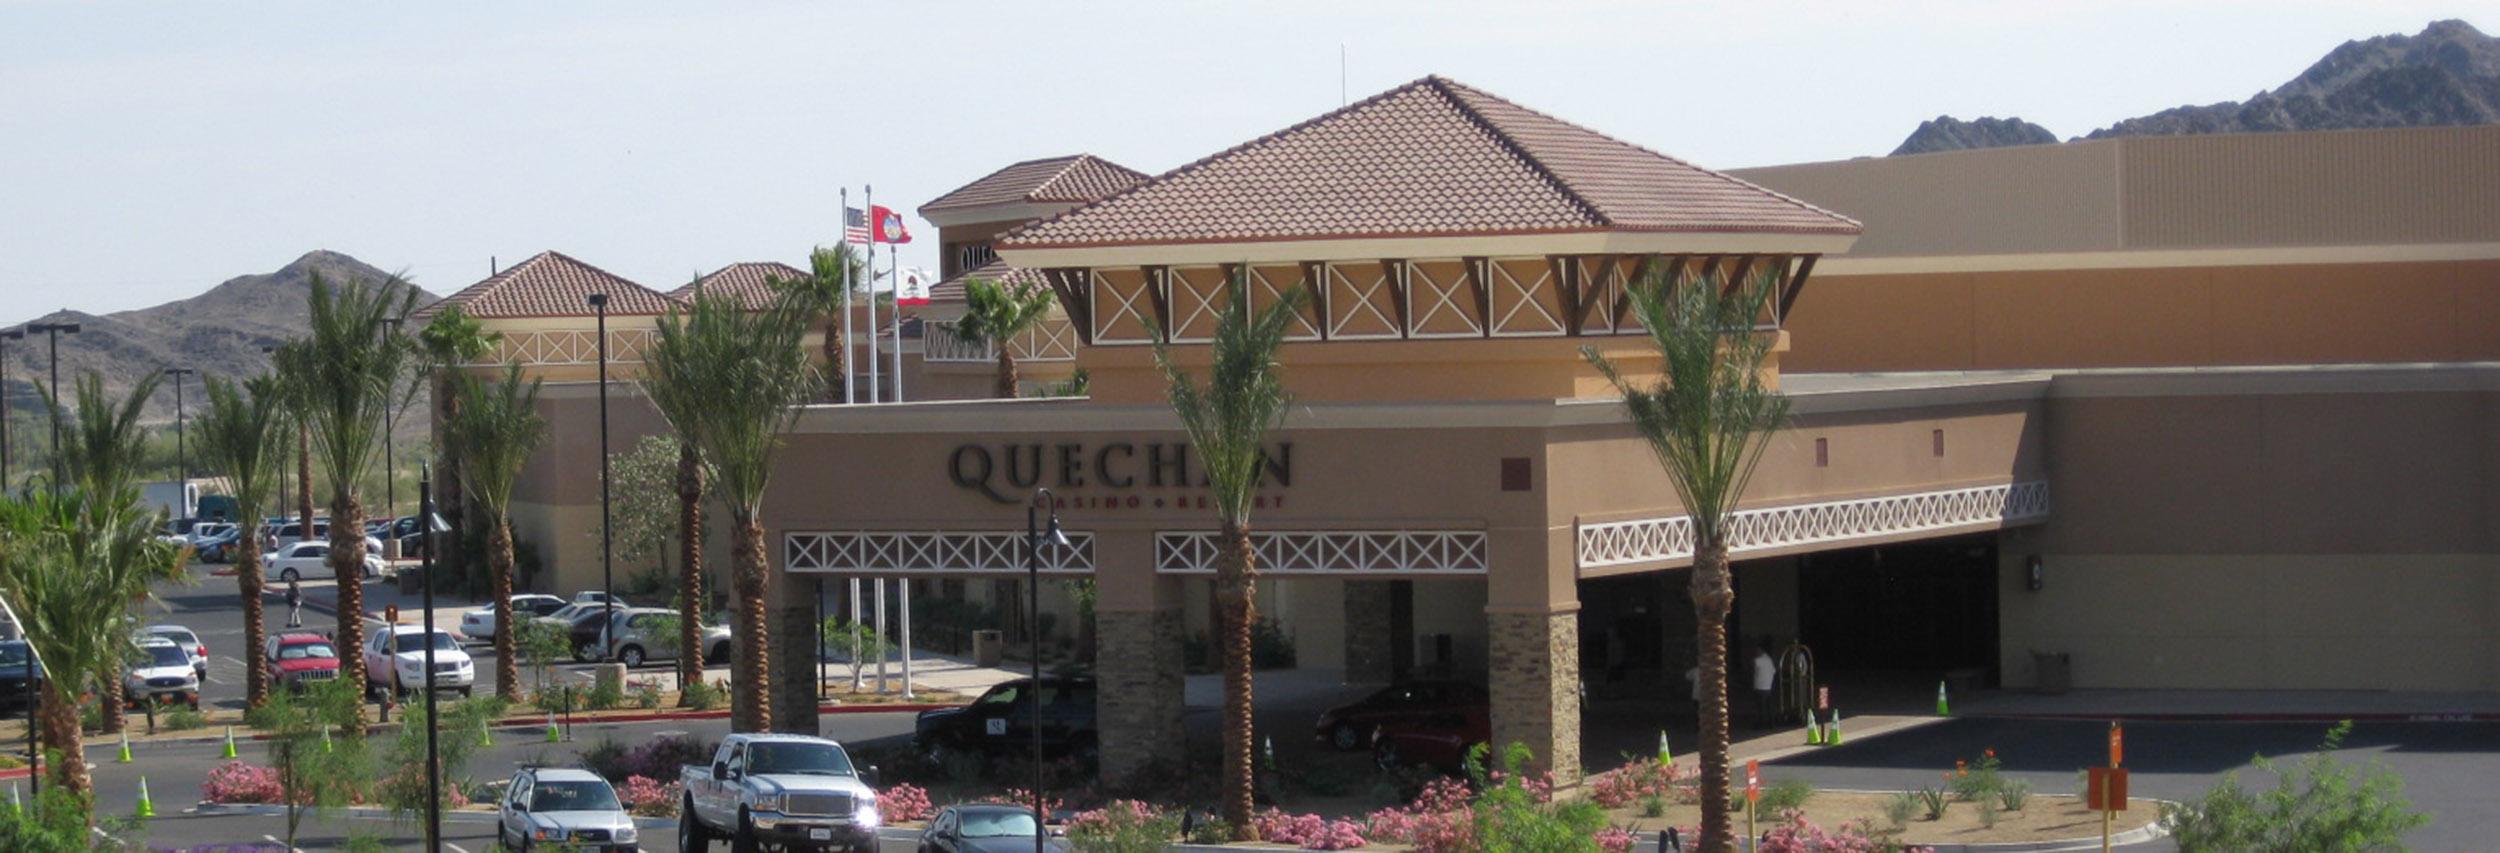 Quechan Casino Entrance